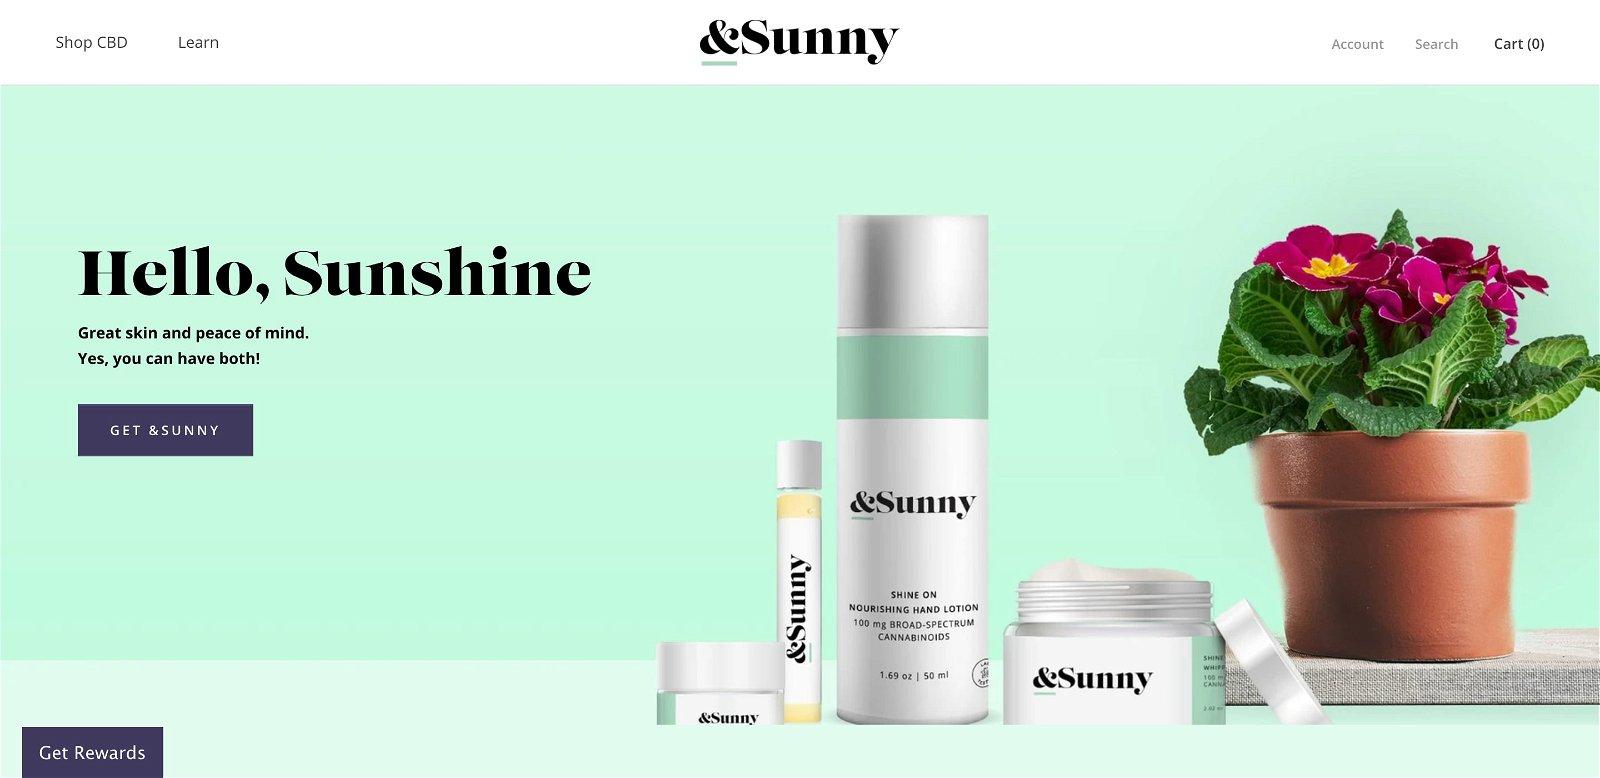 Andsunny.com 1